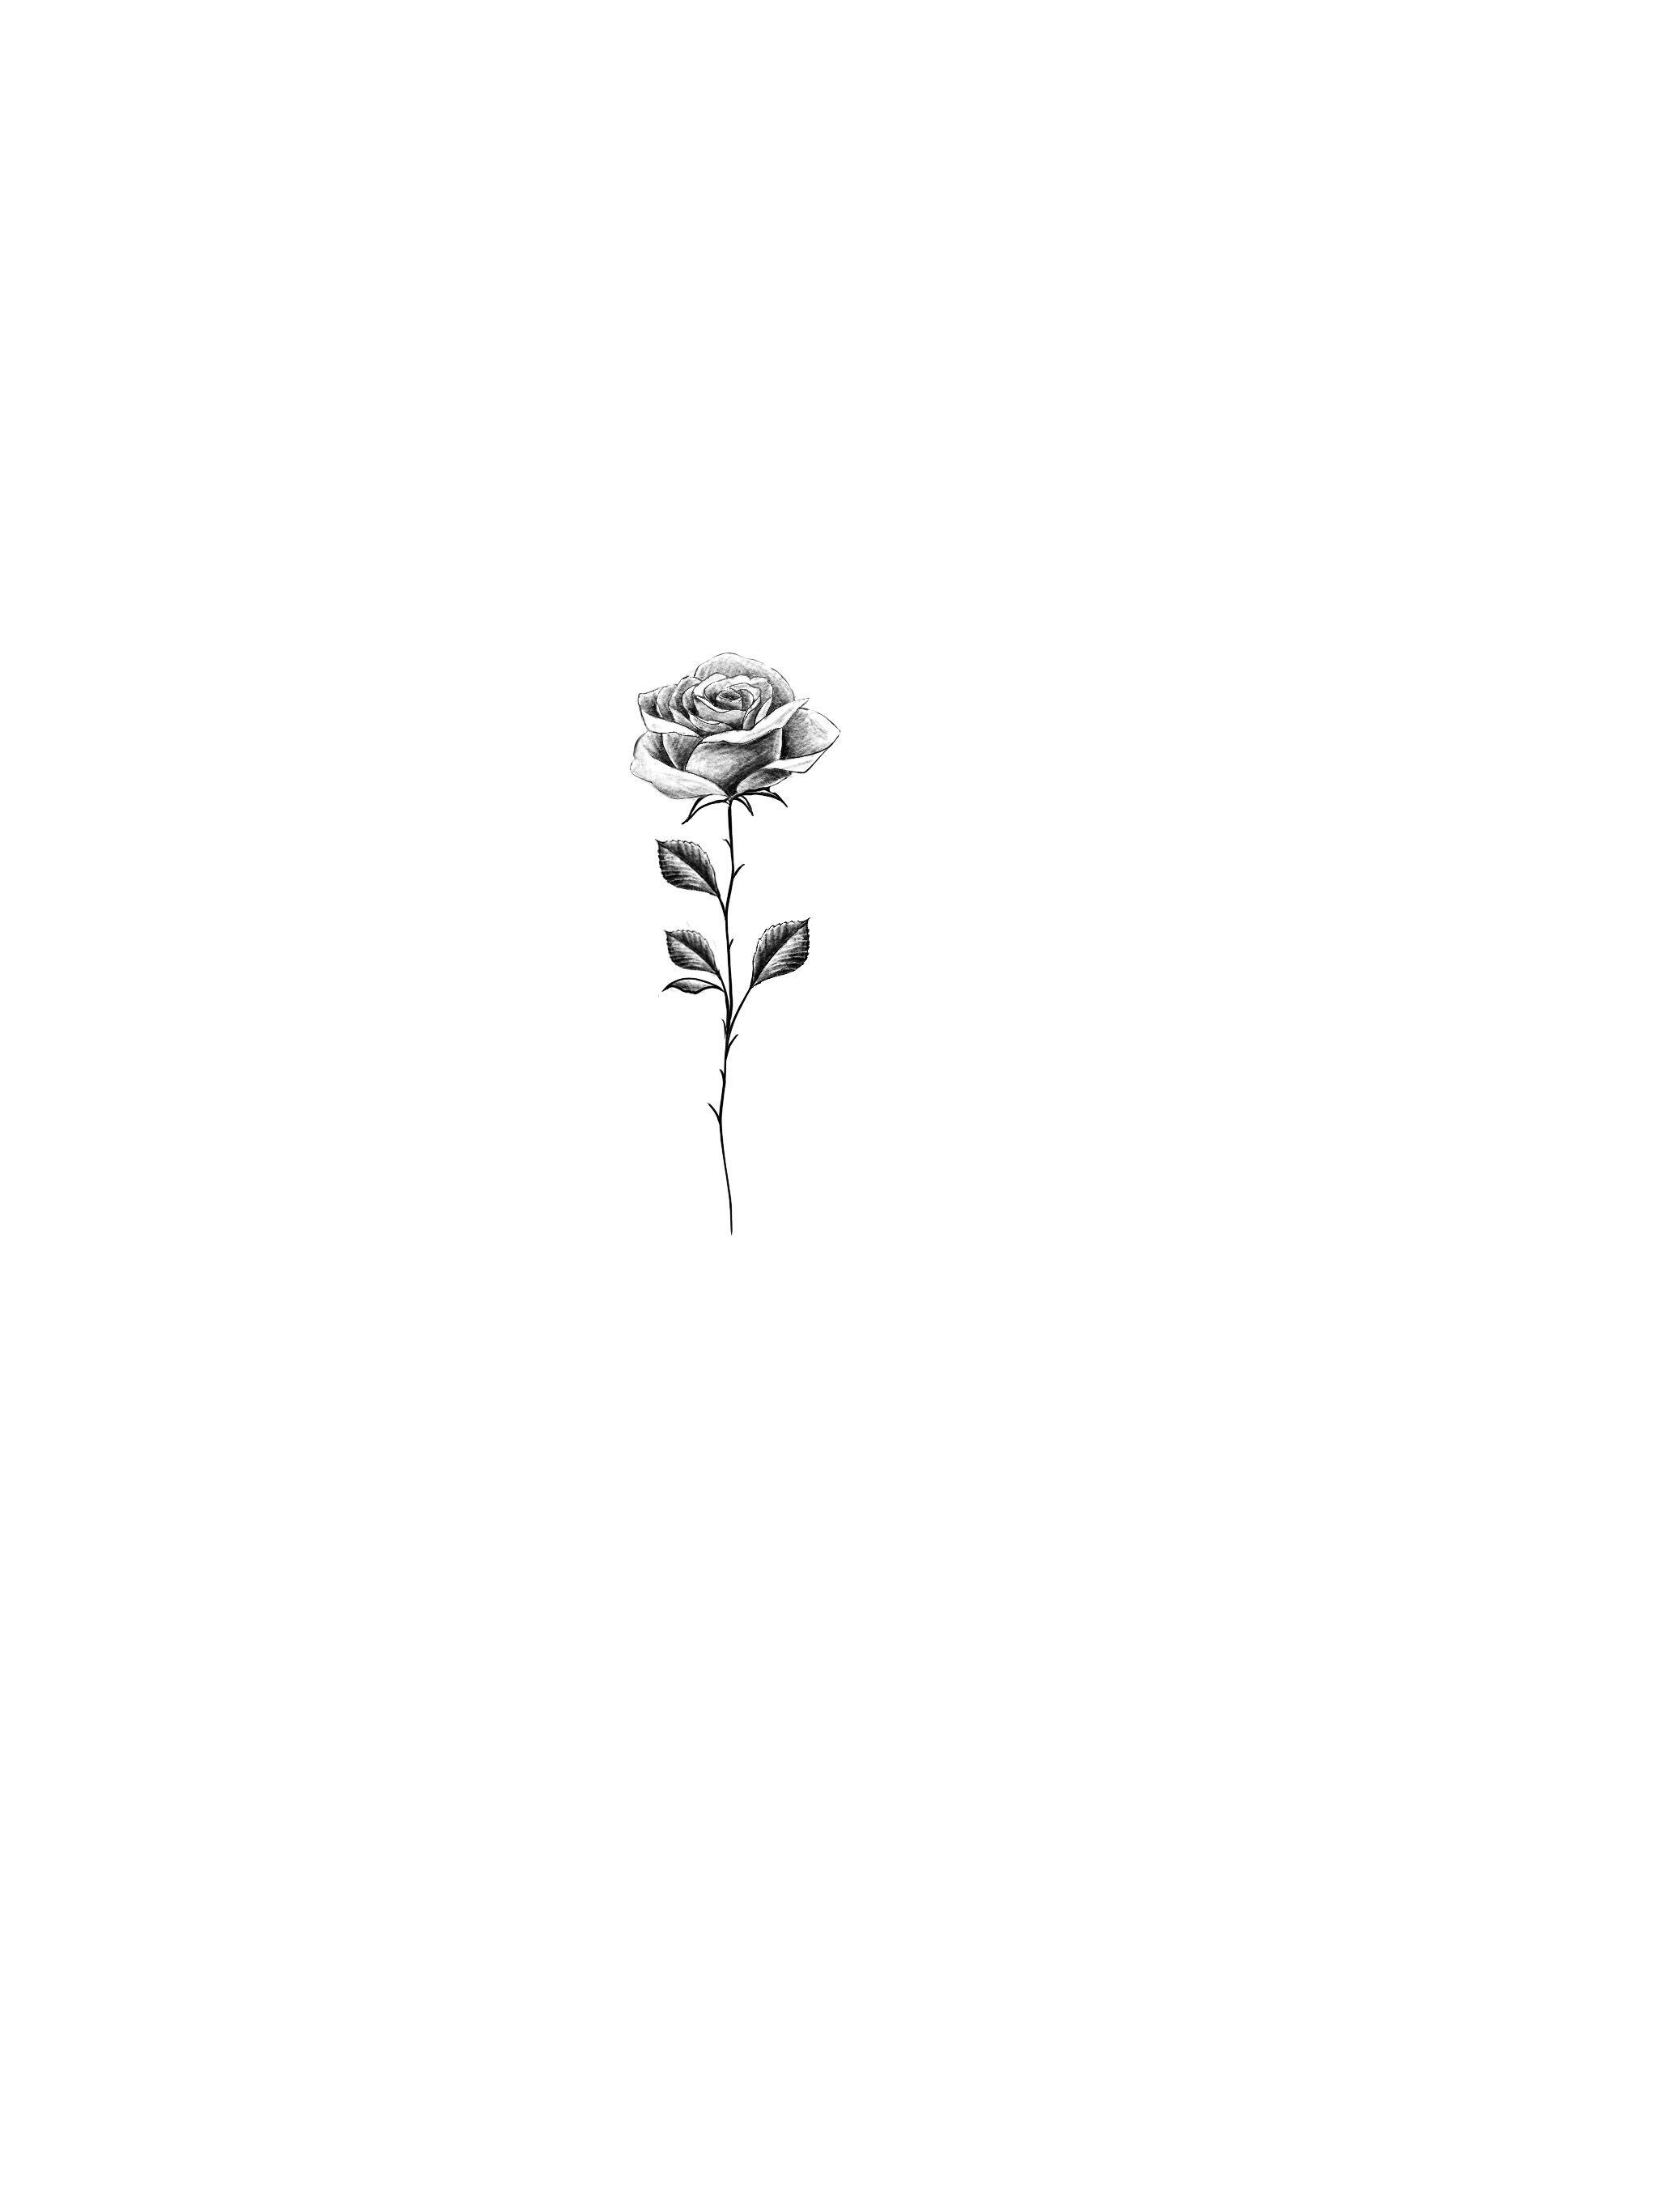 Pin By Sophia De Last On Tattoos Tattoos Flower Tattoo Designs Small Rose Tattoo